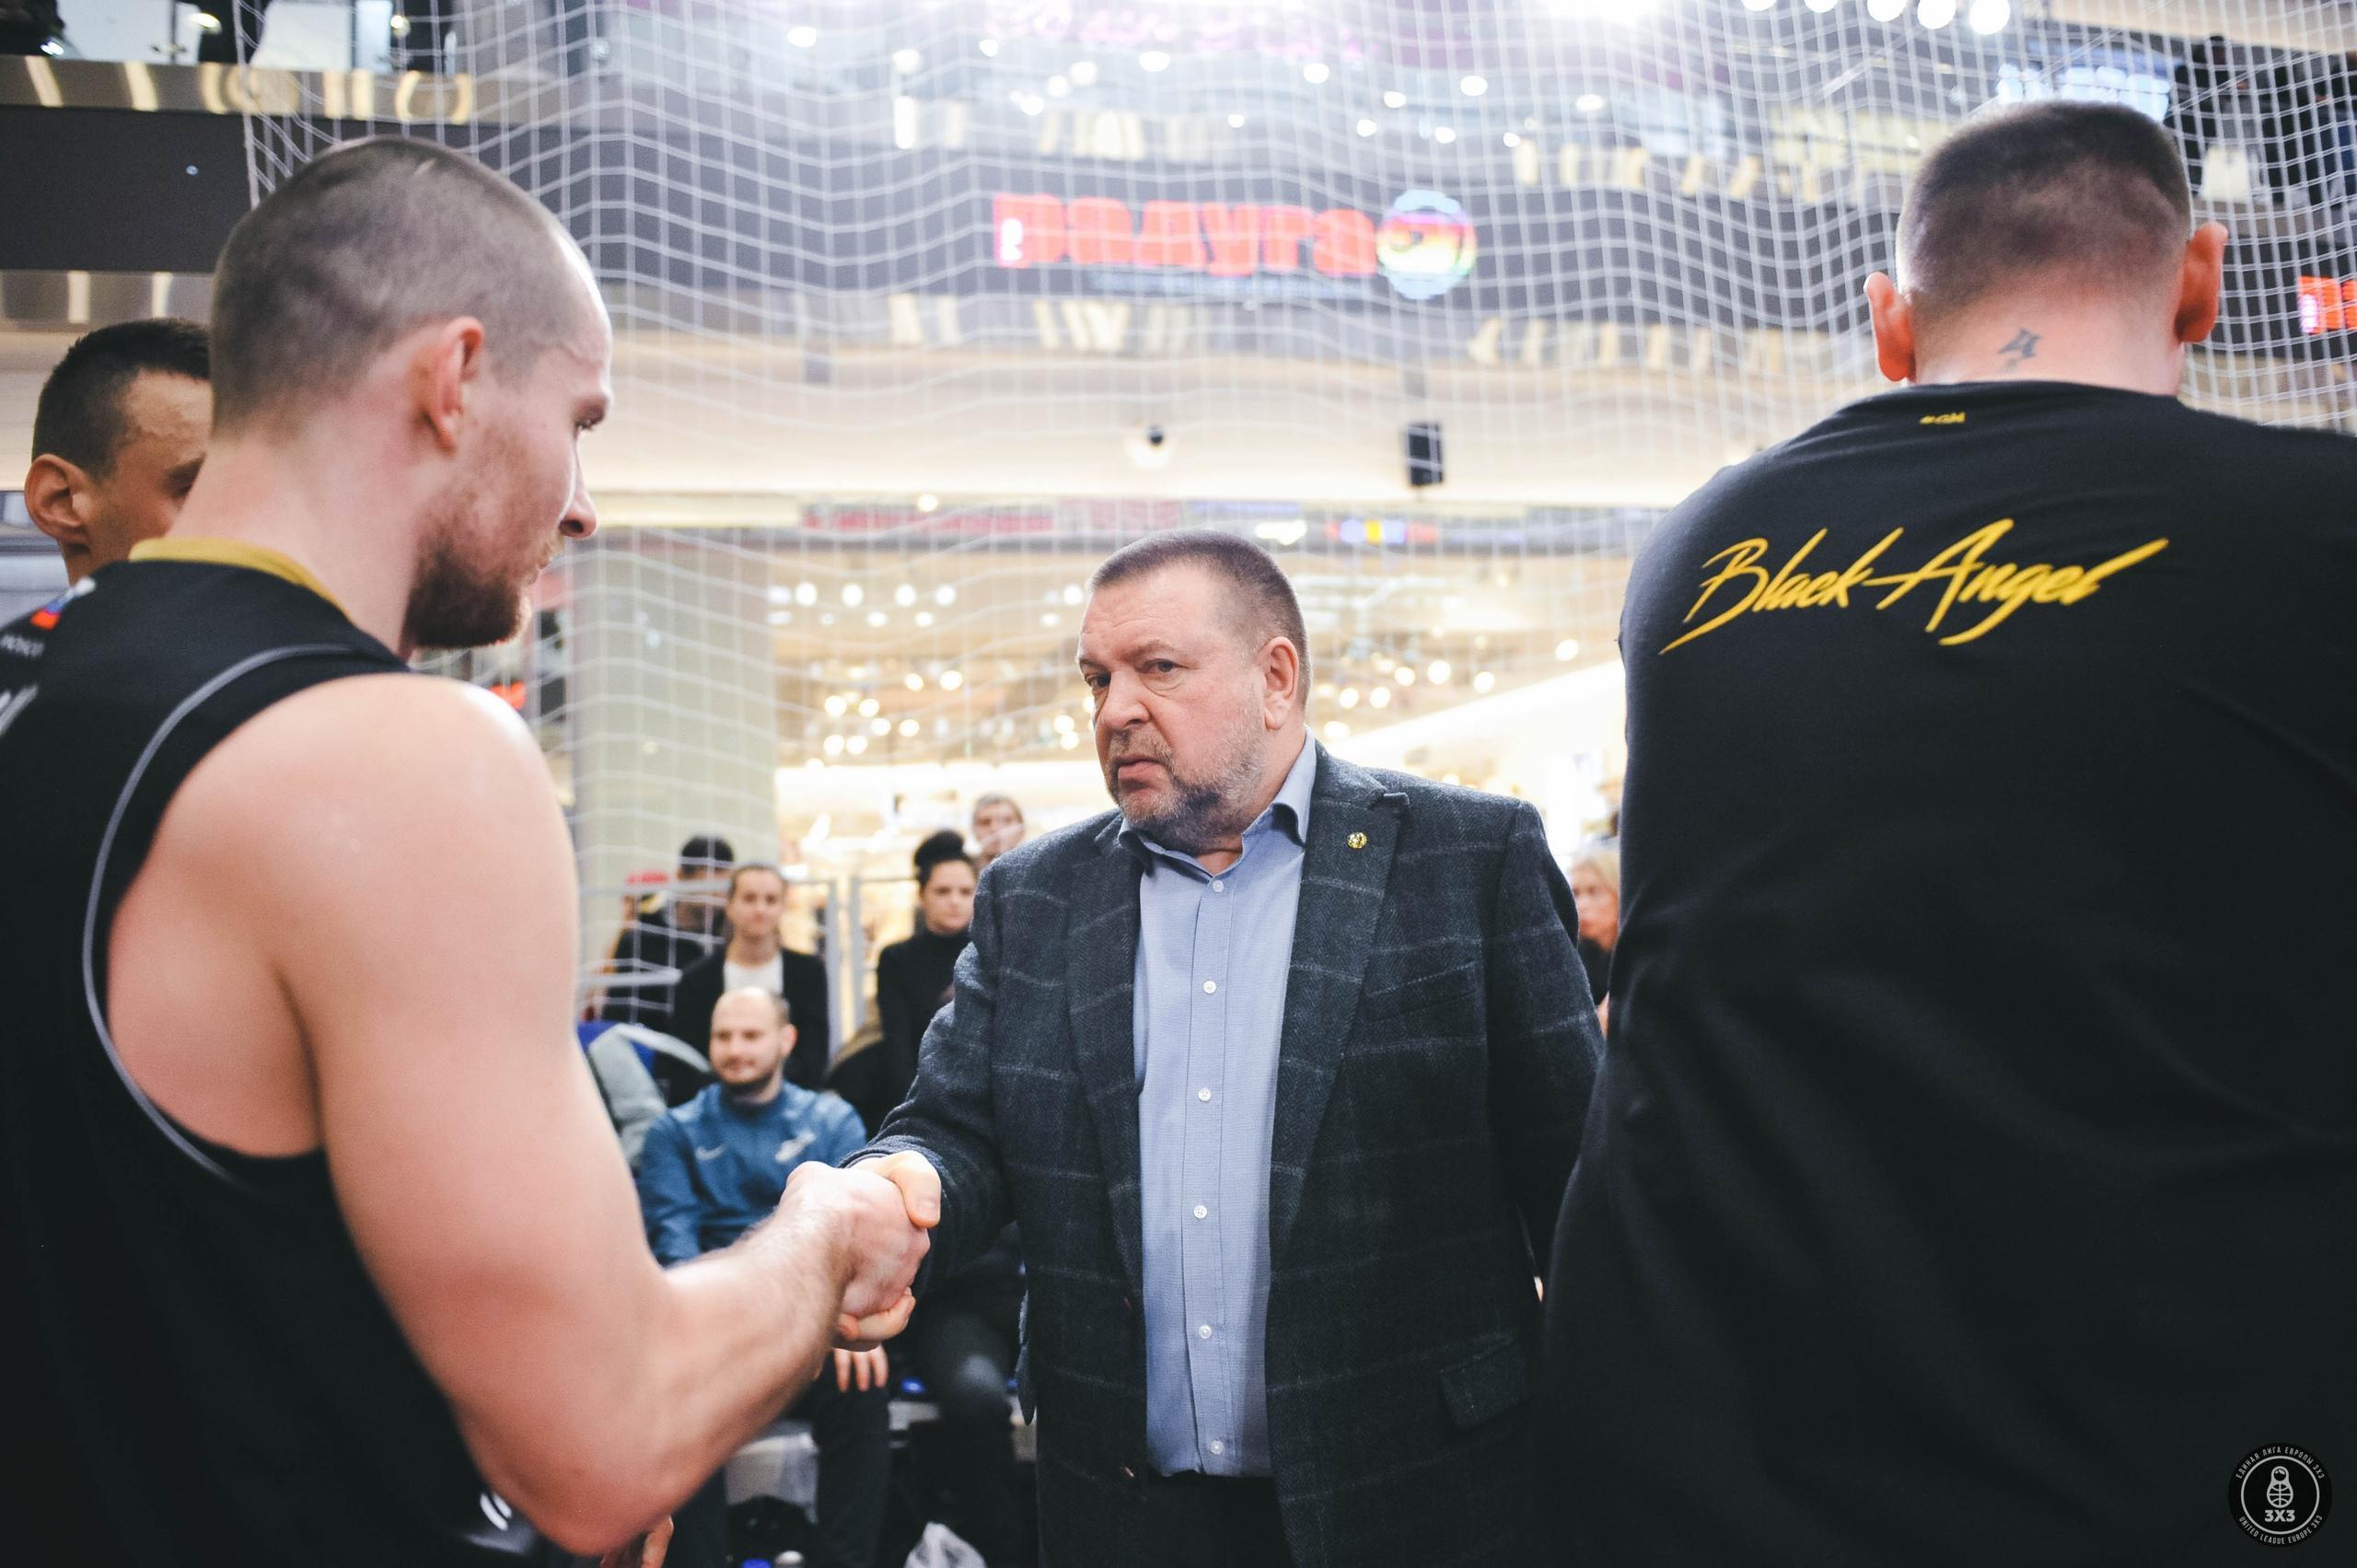 Сергей Фомин: «Российские любители баскетбола 3х3 очень огорчены новостью о переносе Олимпиады»